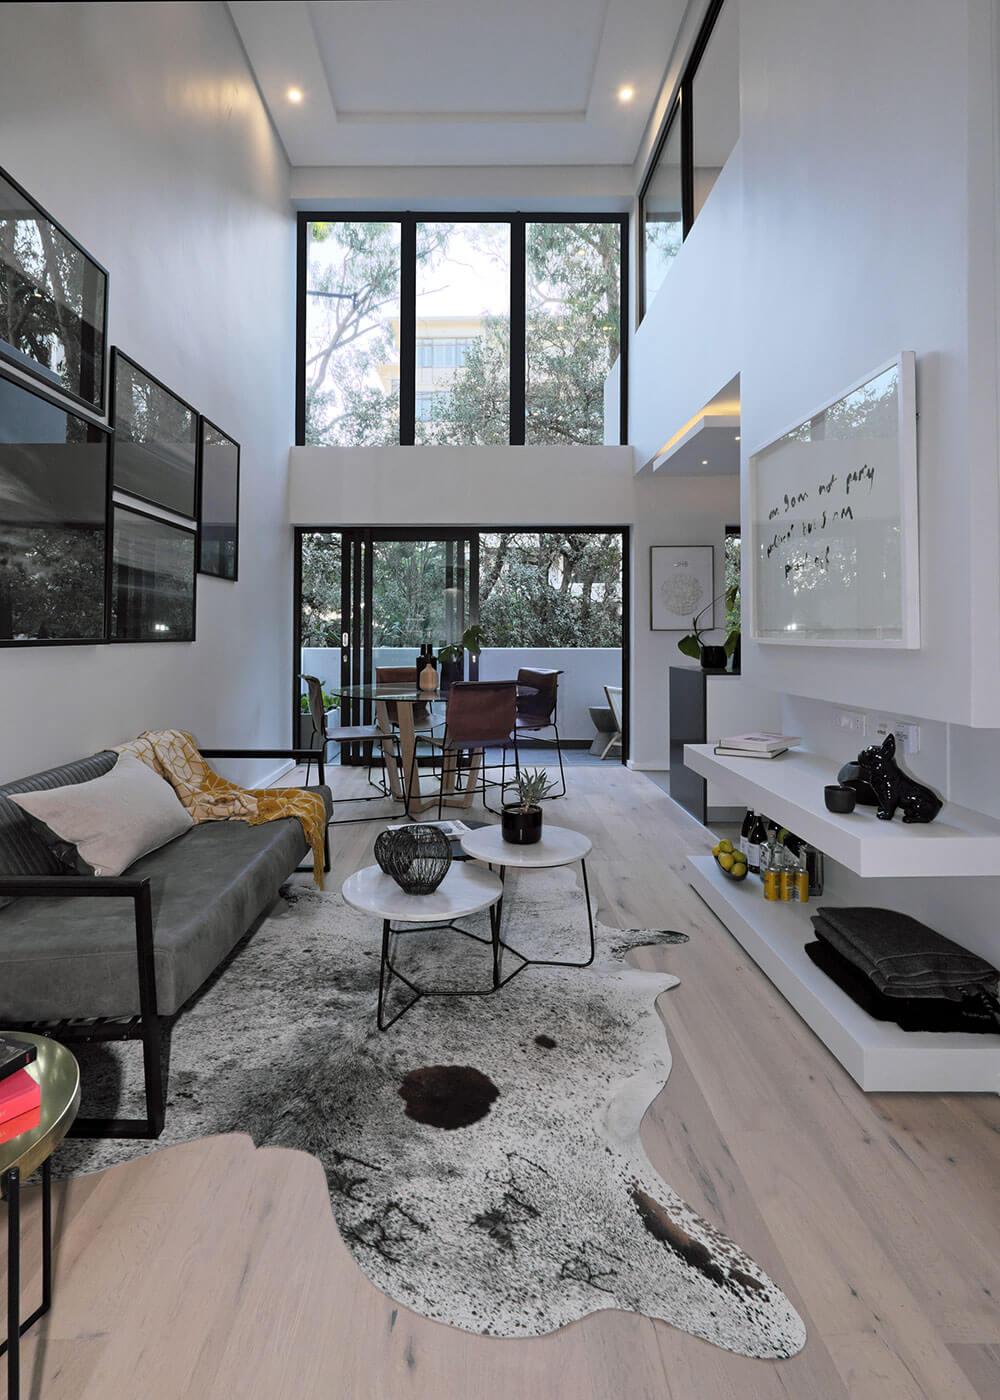 02 TENonQ Flat - BLOK & Oggie hardwood flooring